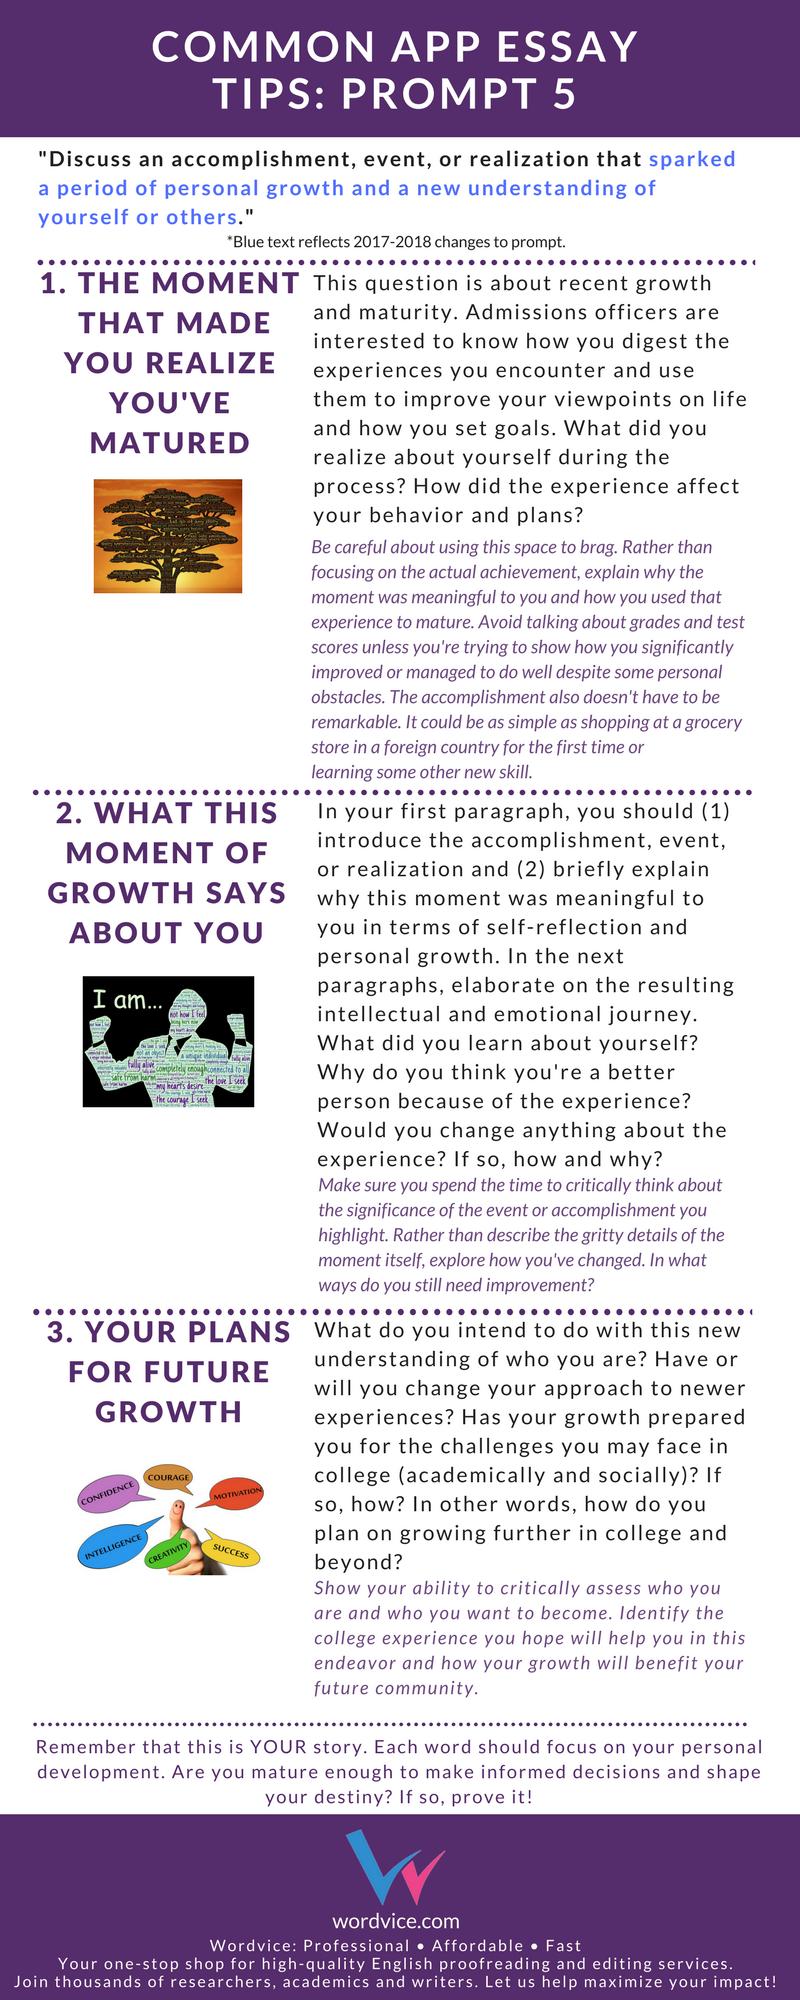 017 Common App Brainstormprompt Essay Prompt Unusual Prompts Usc Examples 1 4 Full